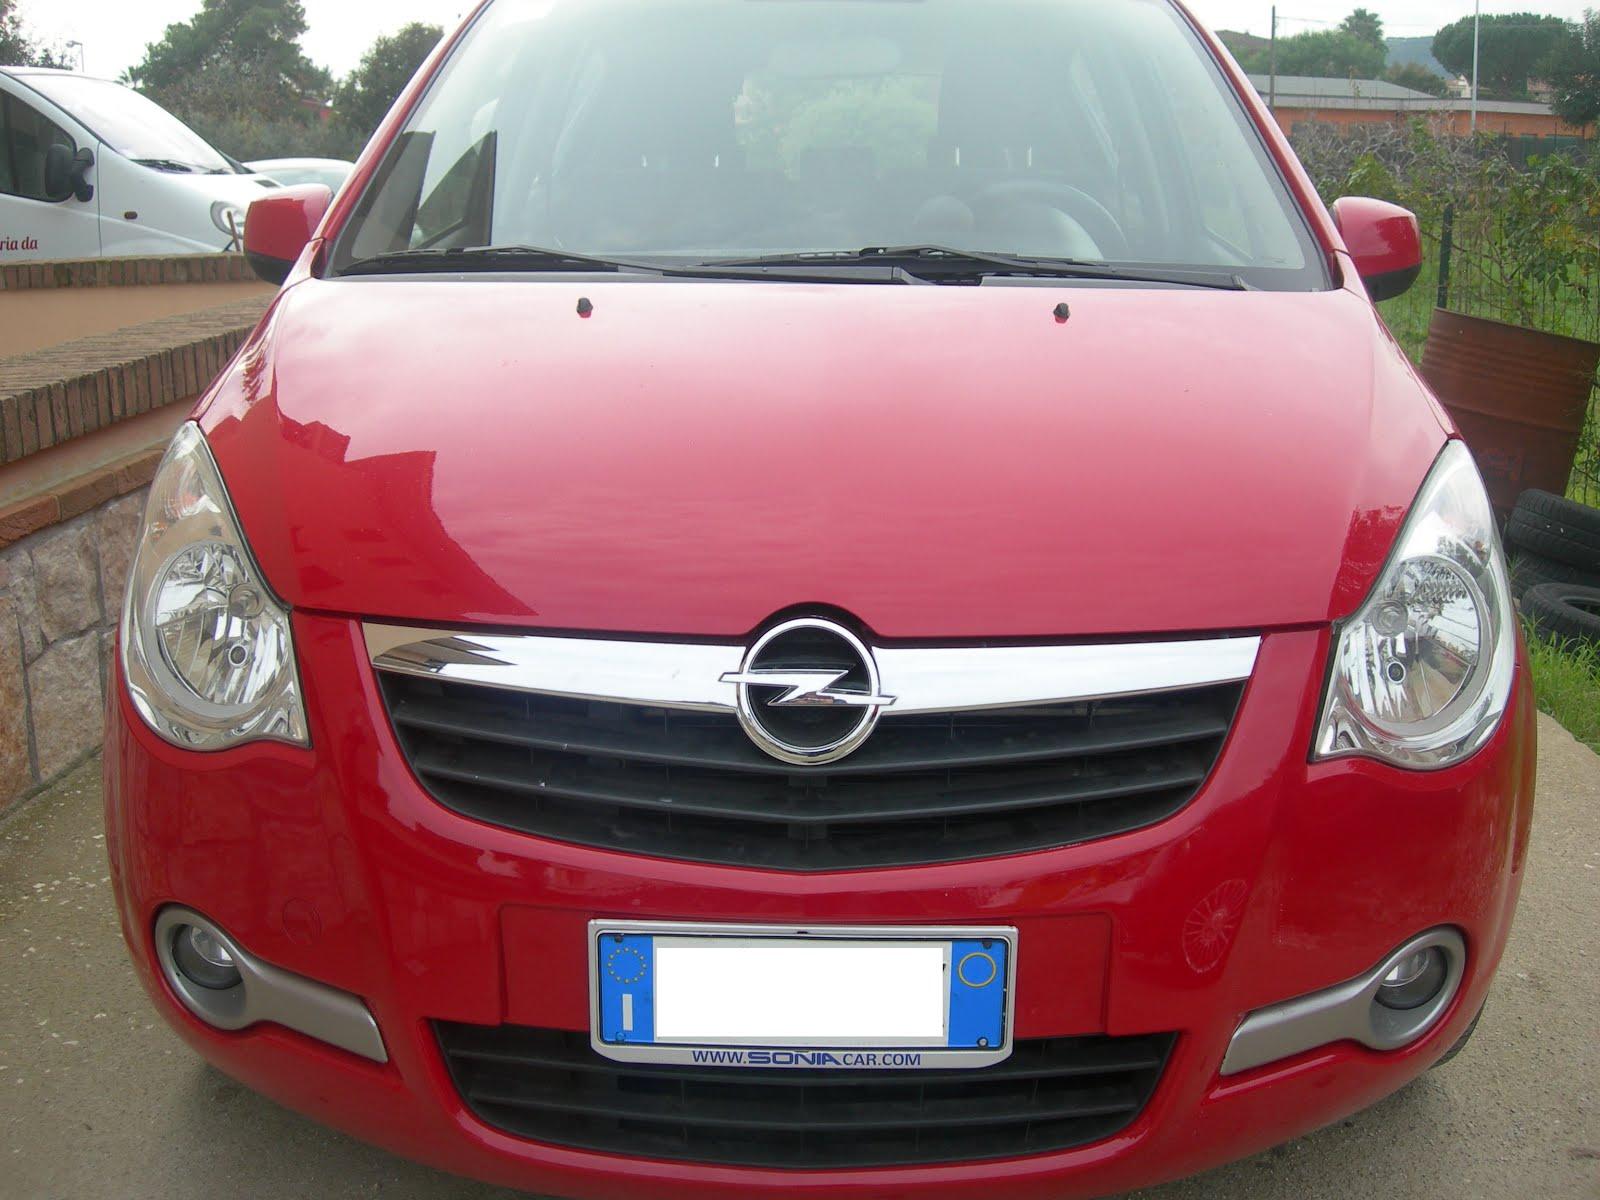 Opel Agila 1.0 cc 65 CV immatricolazione 2009 75.000 km accessori full optional Prezzo 4.900,00euro